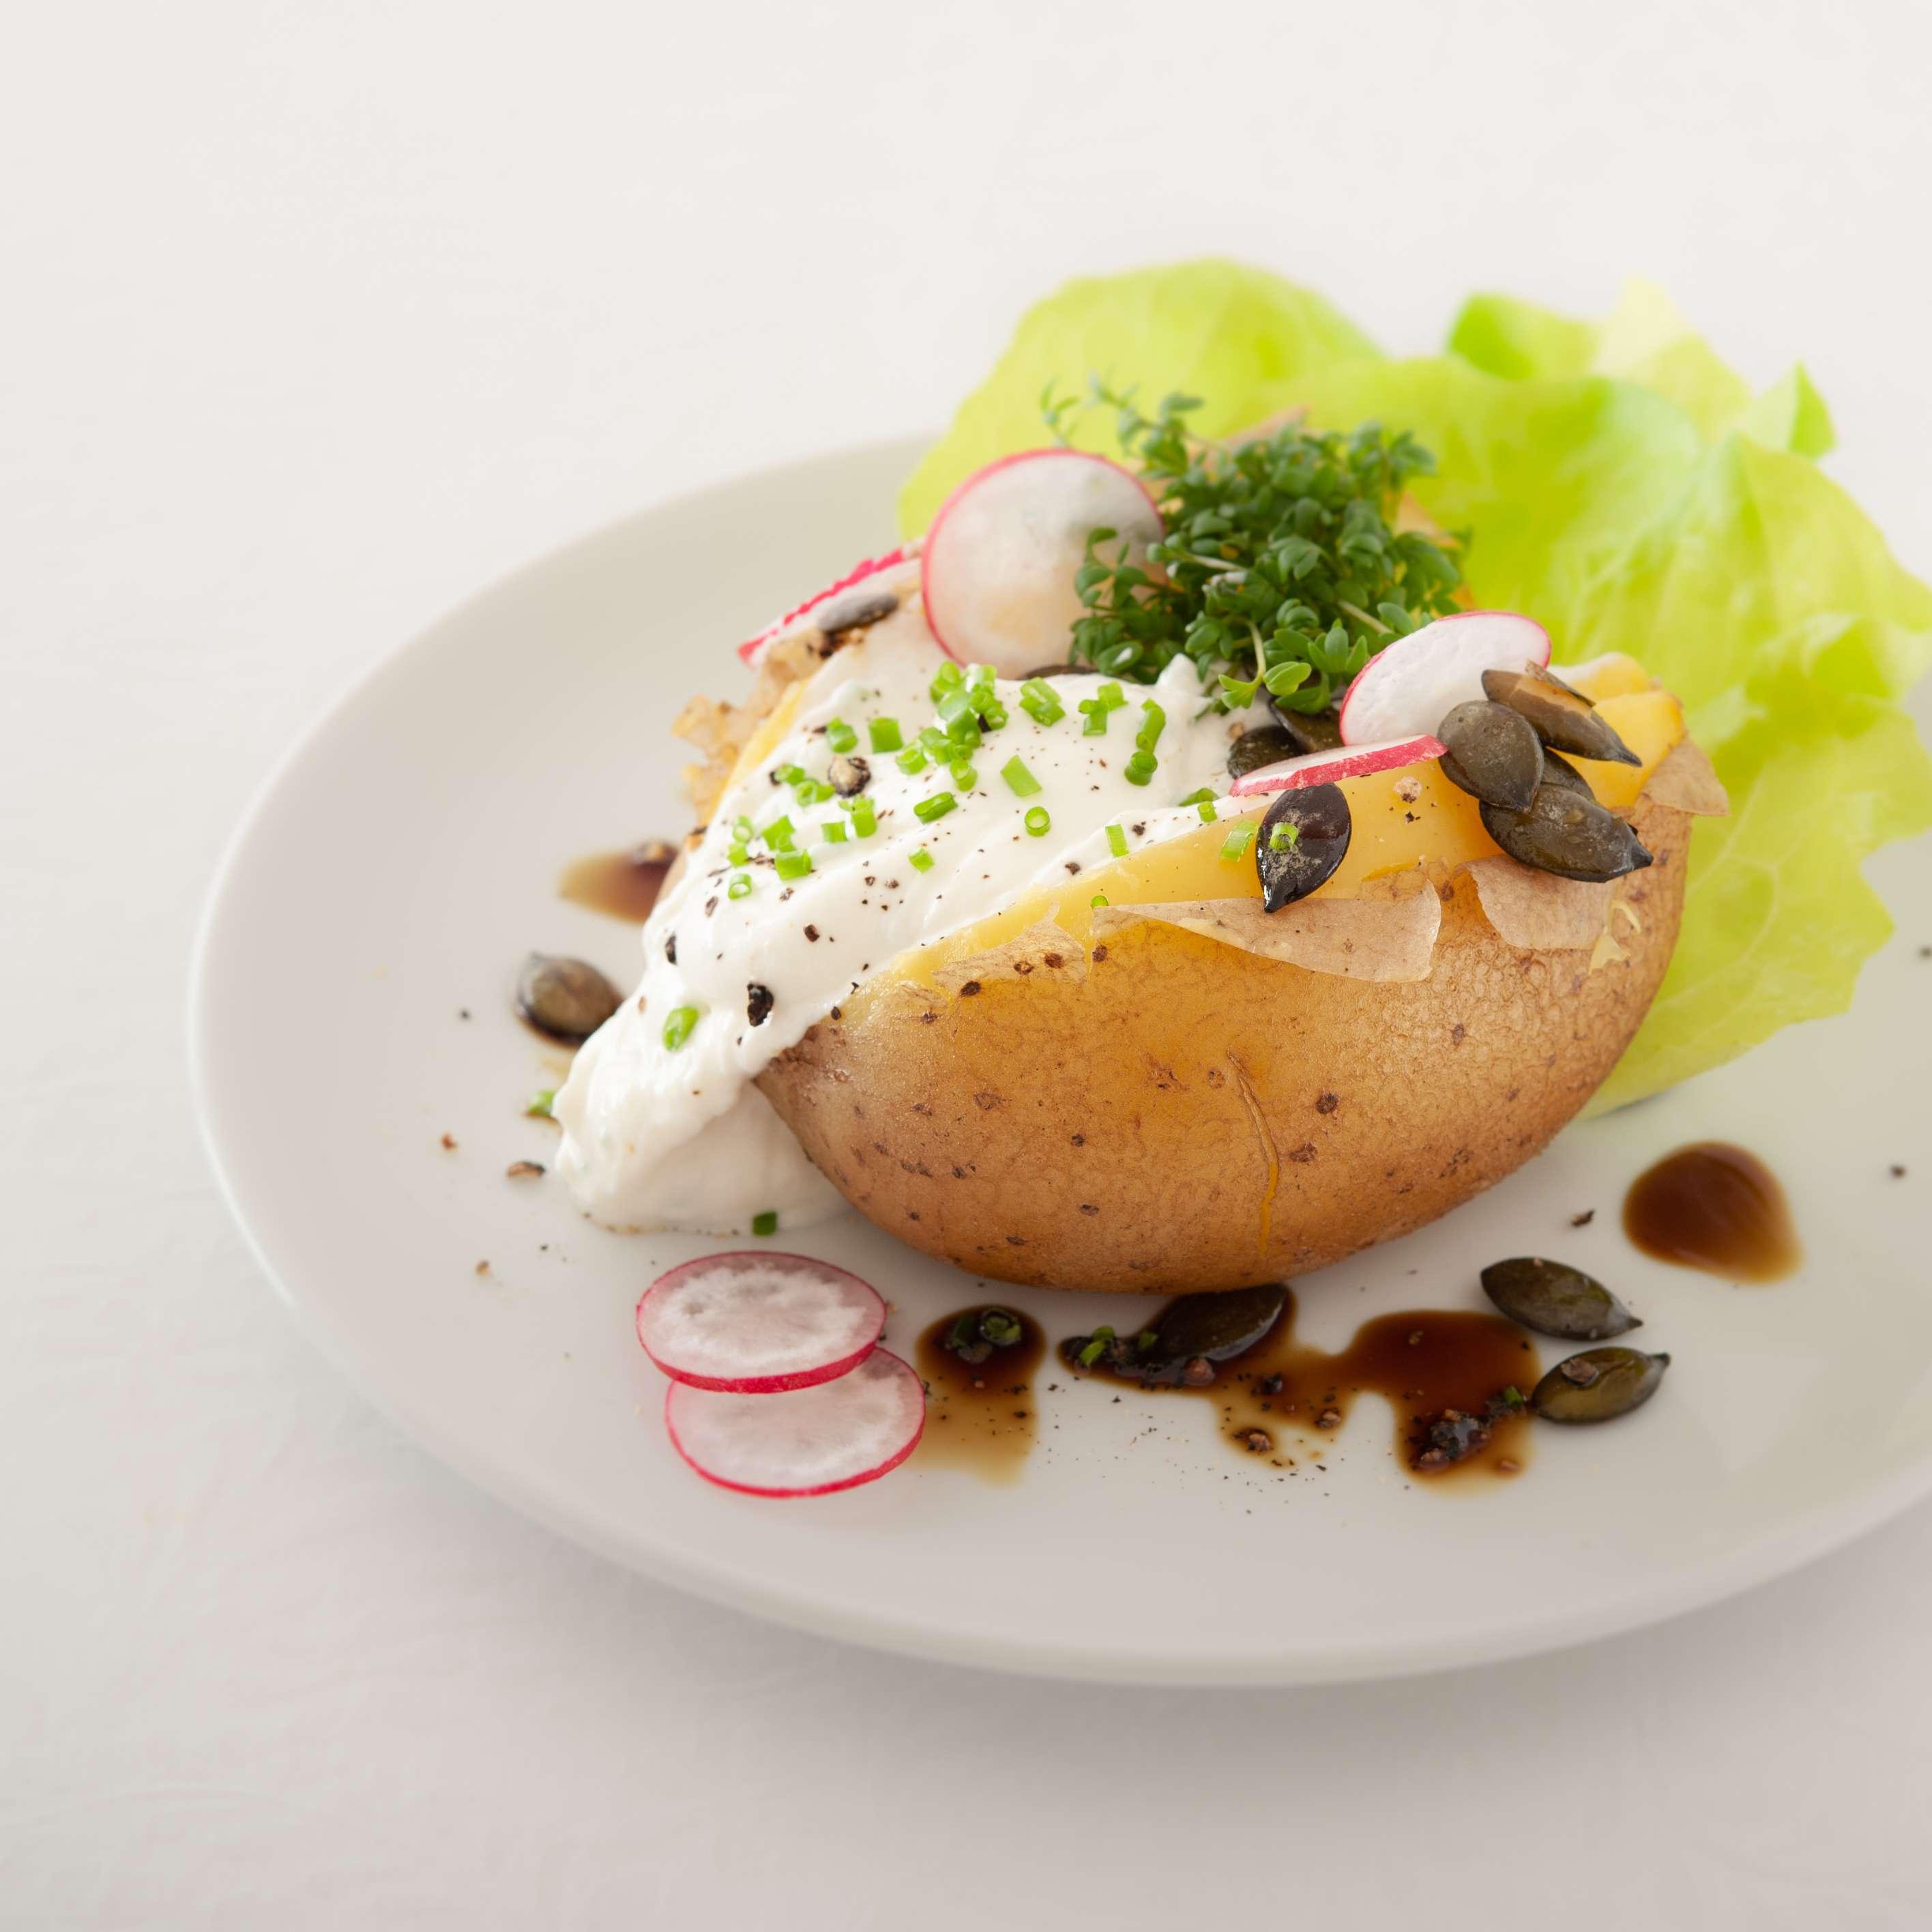 Kartoffel mit Meerrettich-Schnittlauchquark und Kernöl